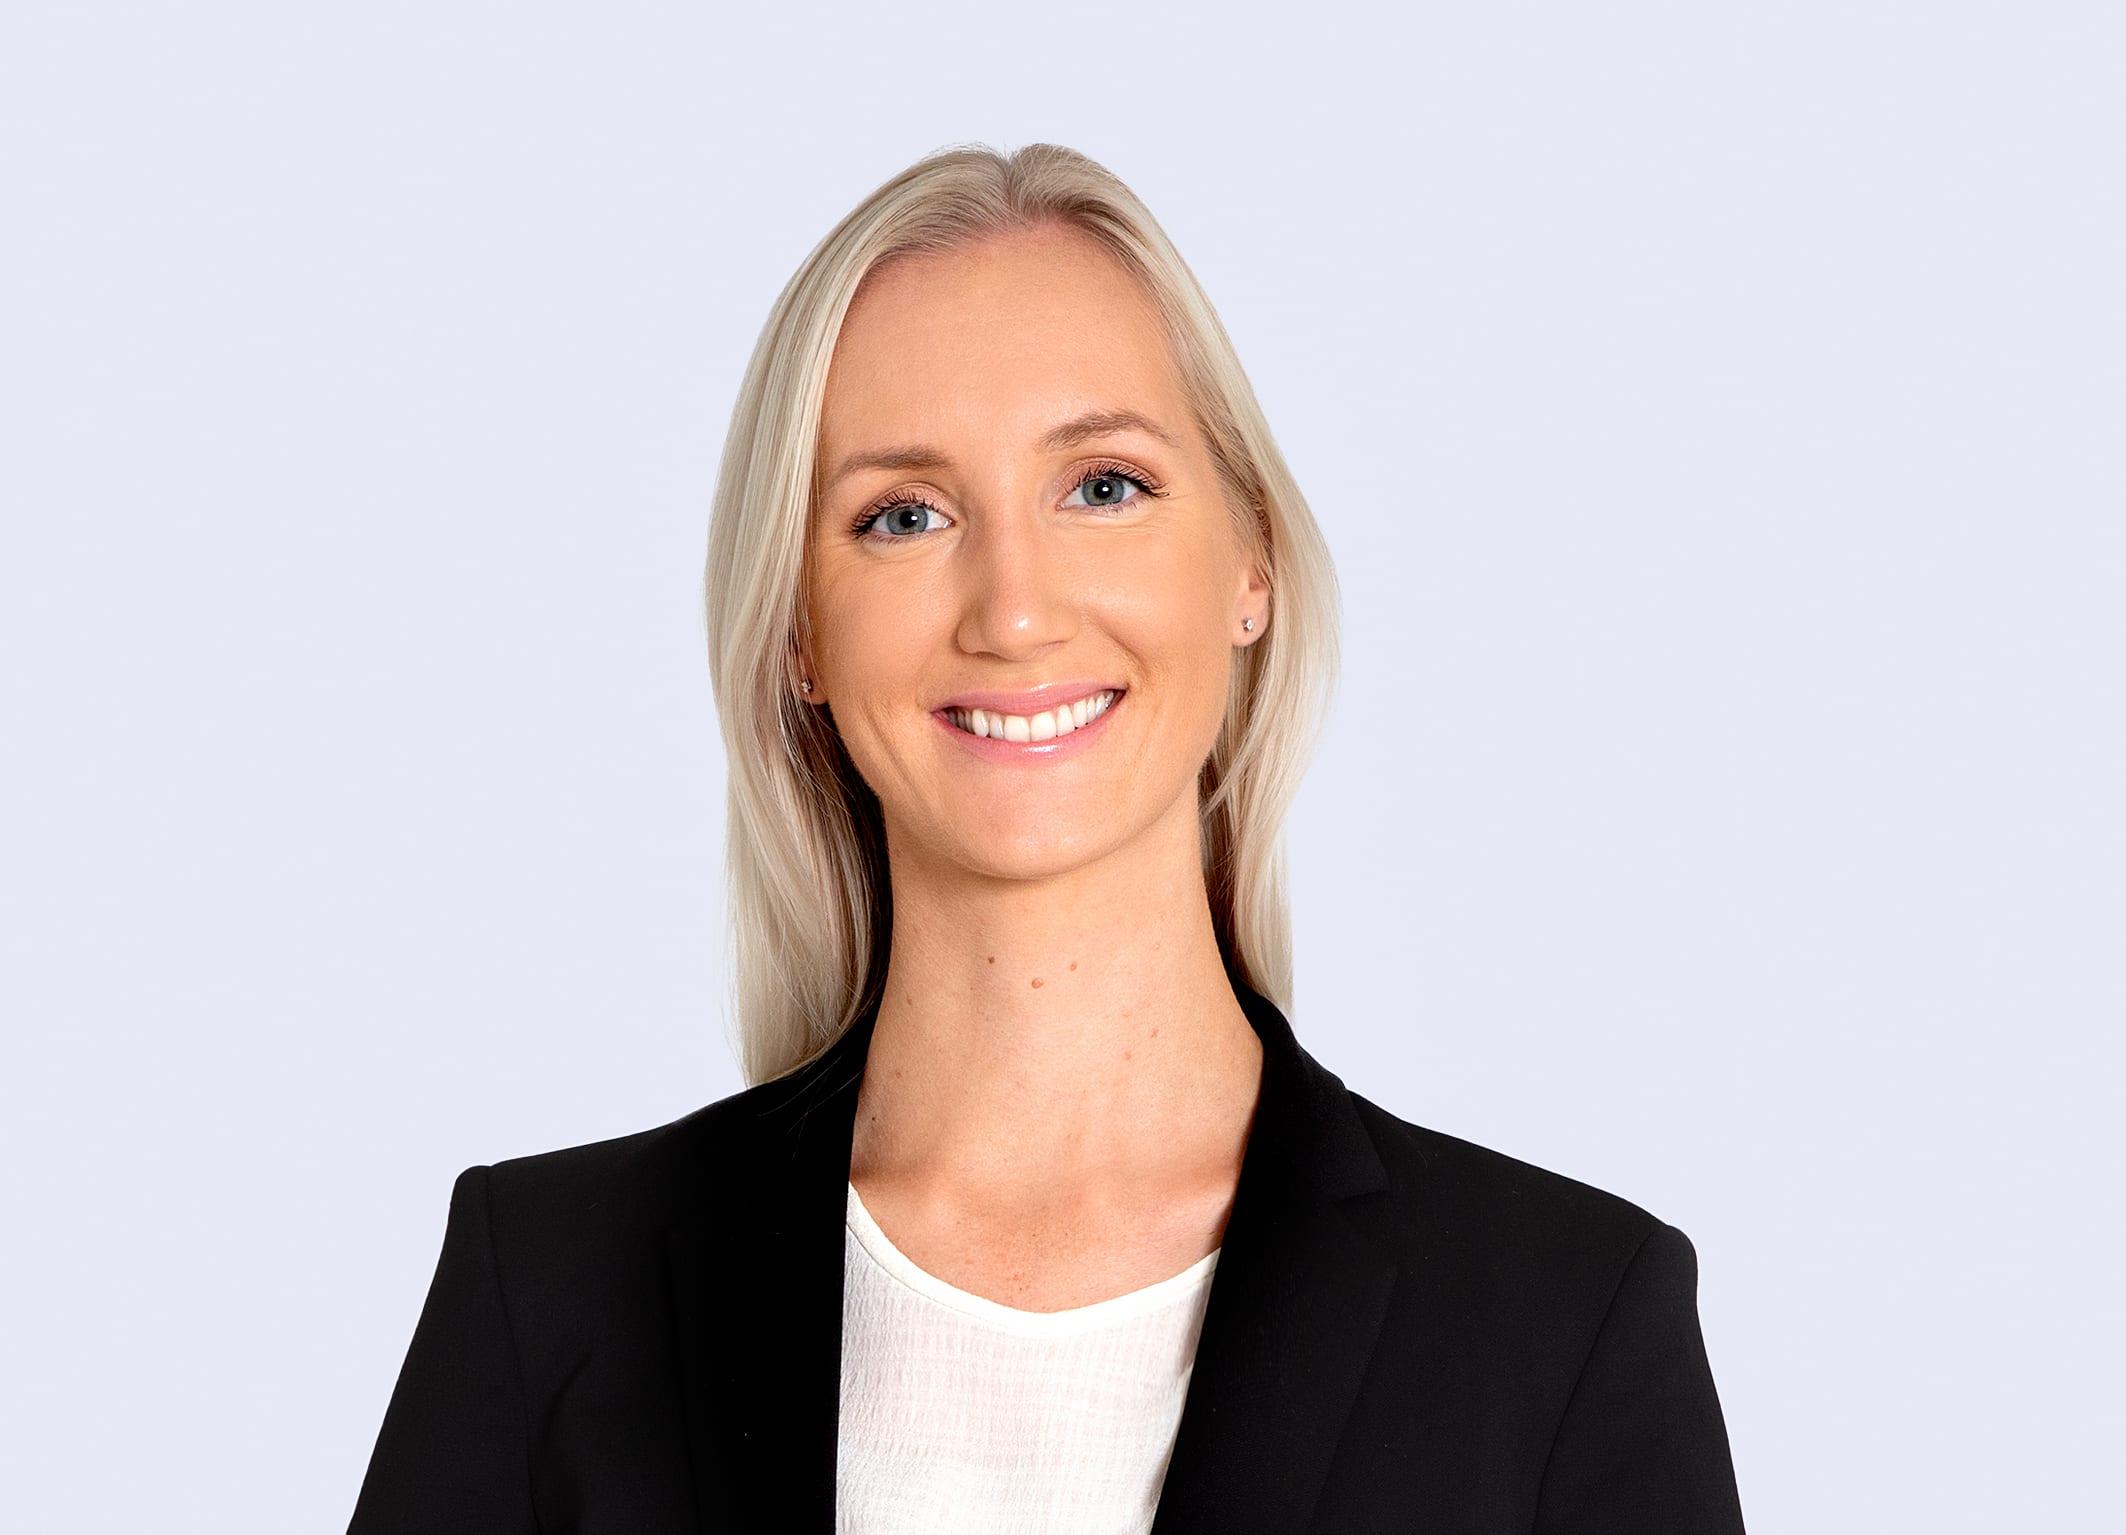 Caroline Aass Monsen